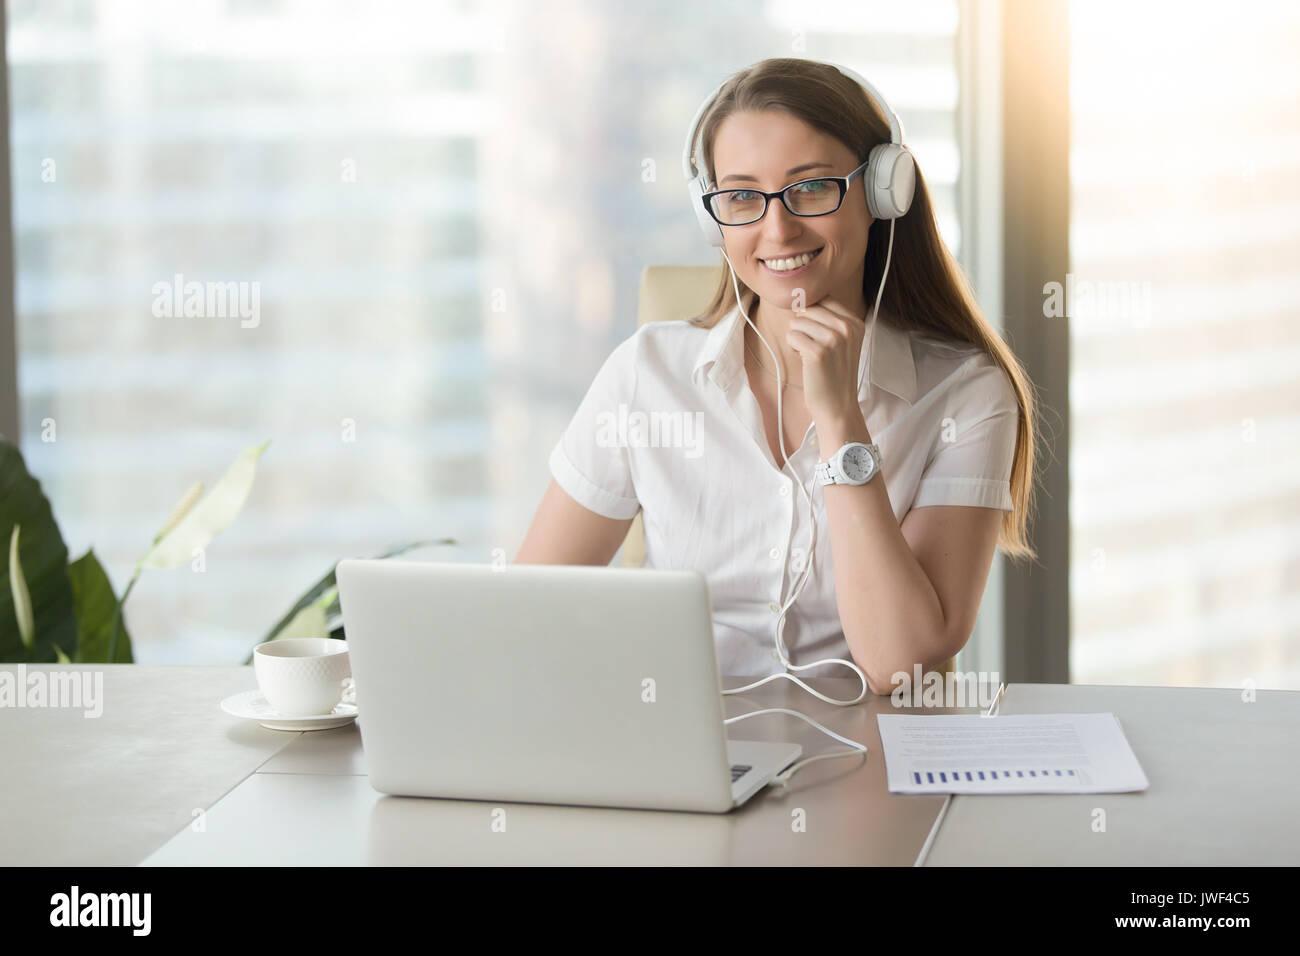 La empresaria sonrientes usando audífonos con laptop posando en w Imagen De Stock